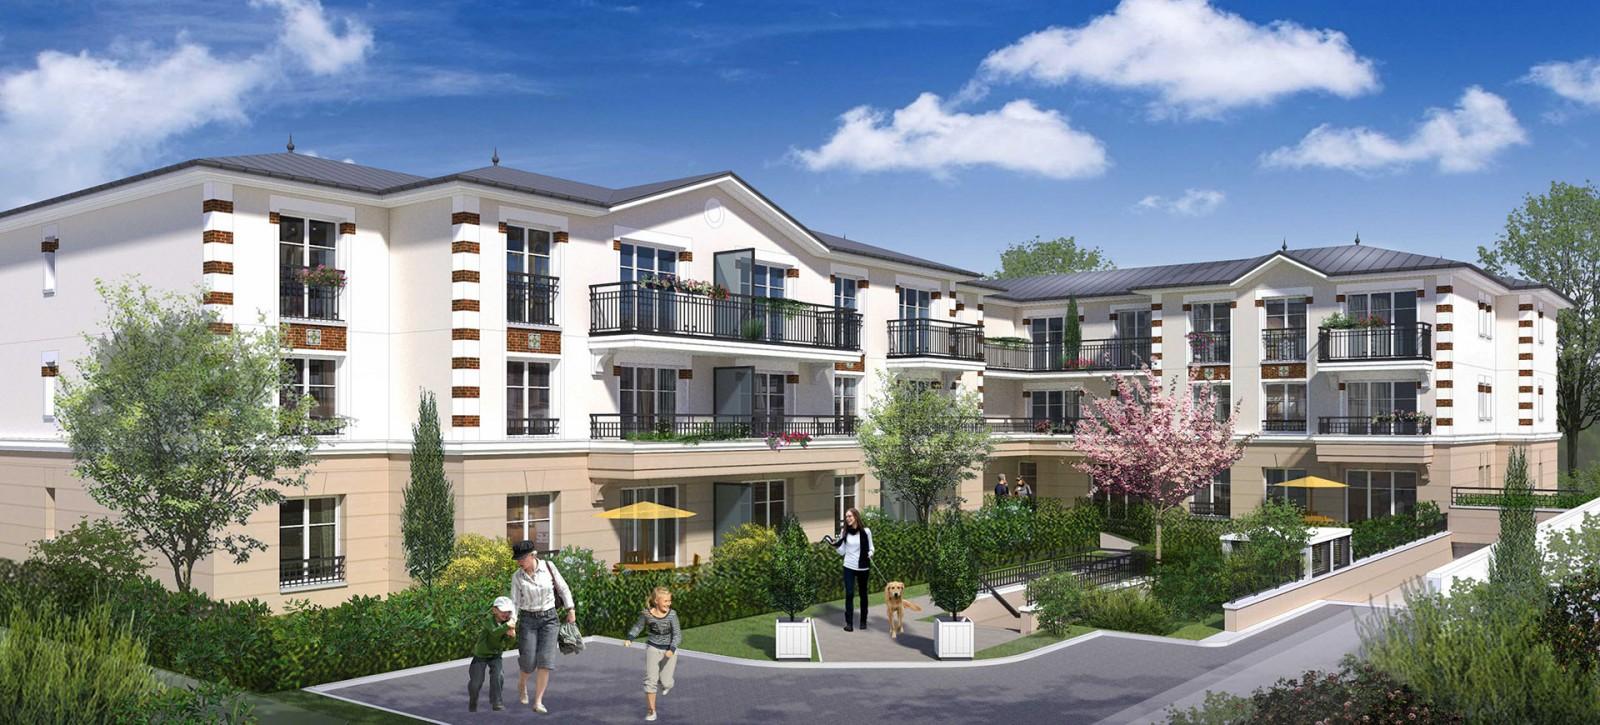 36 logements collectifs Archicréa NLG en accession Villiers sur Marne